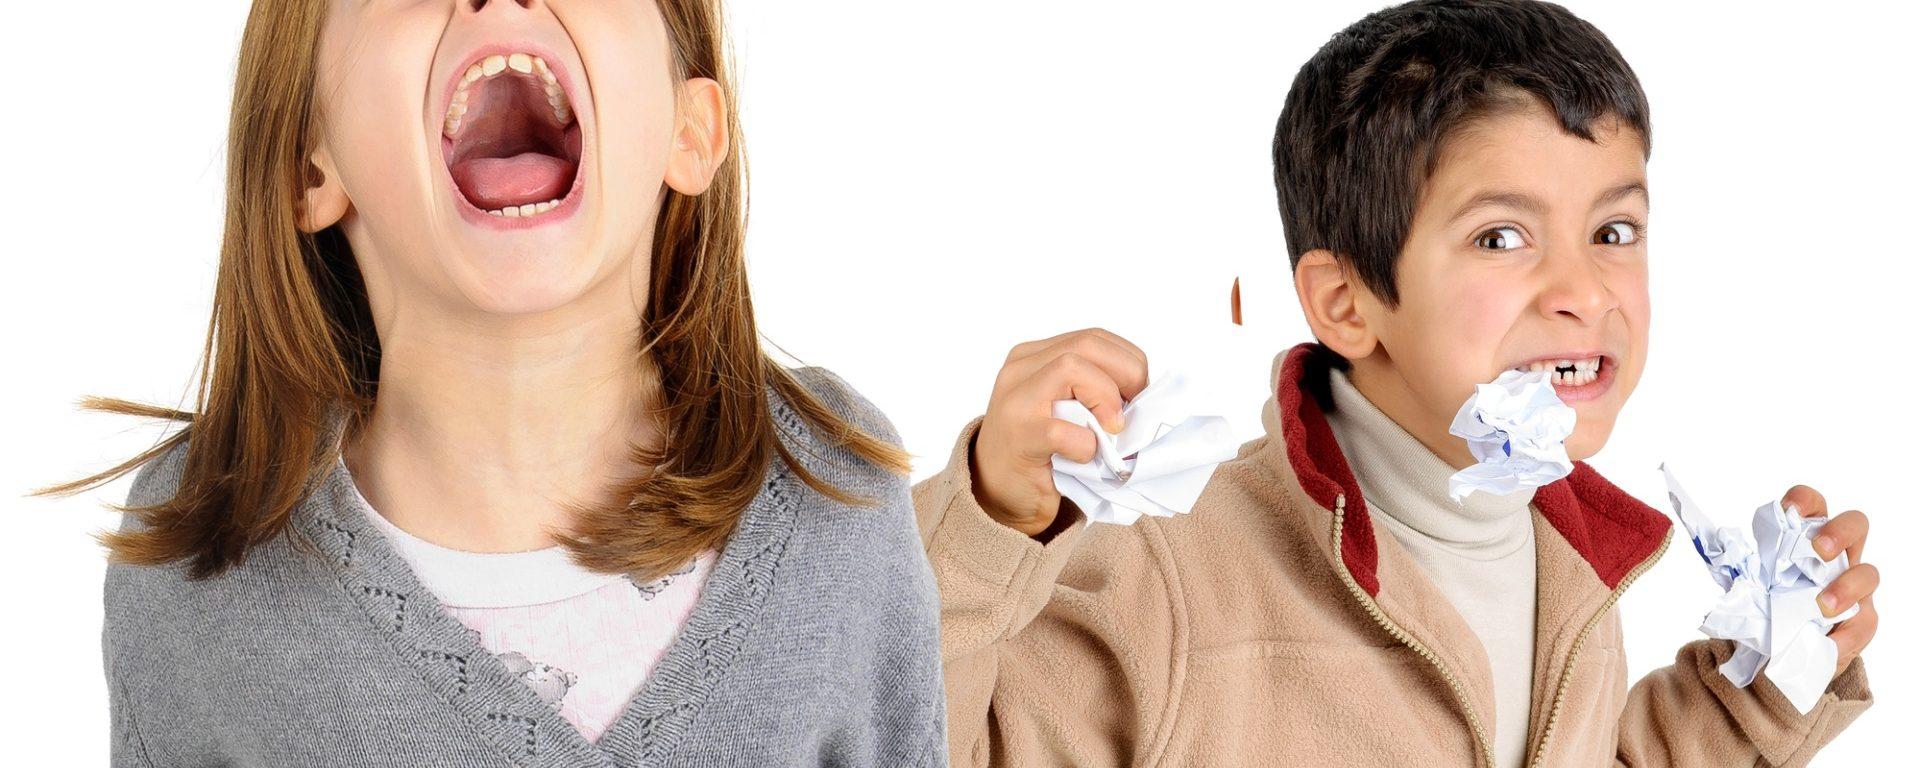 ADHS steht für Aufmerksamkeitsdefizit-Hyperaktivitätsstörung